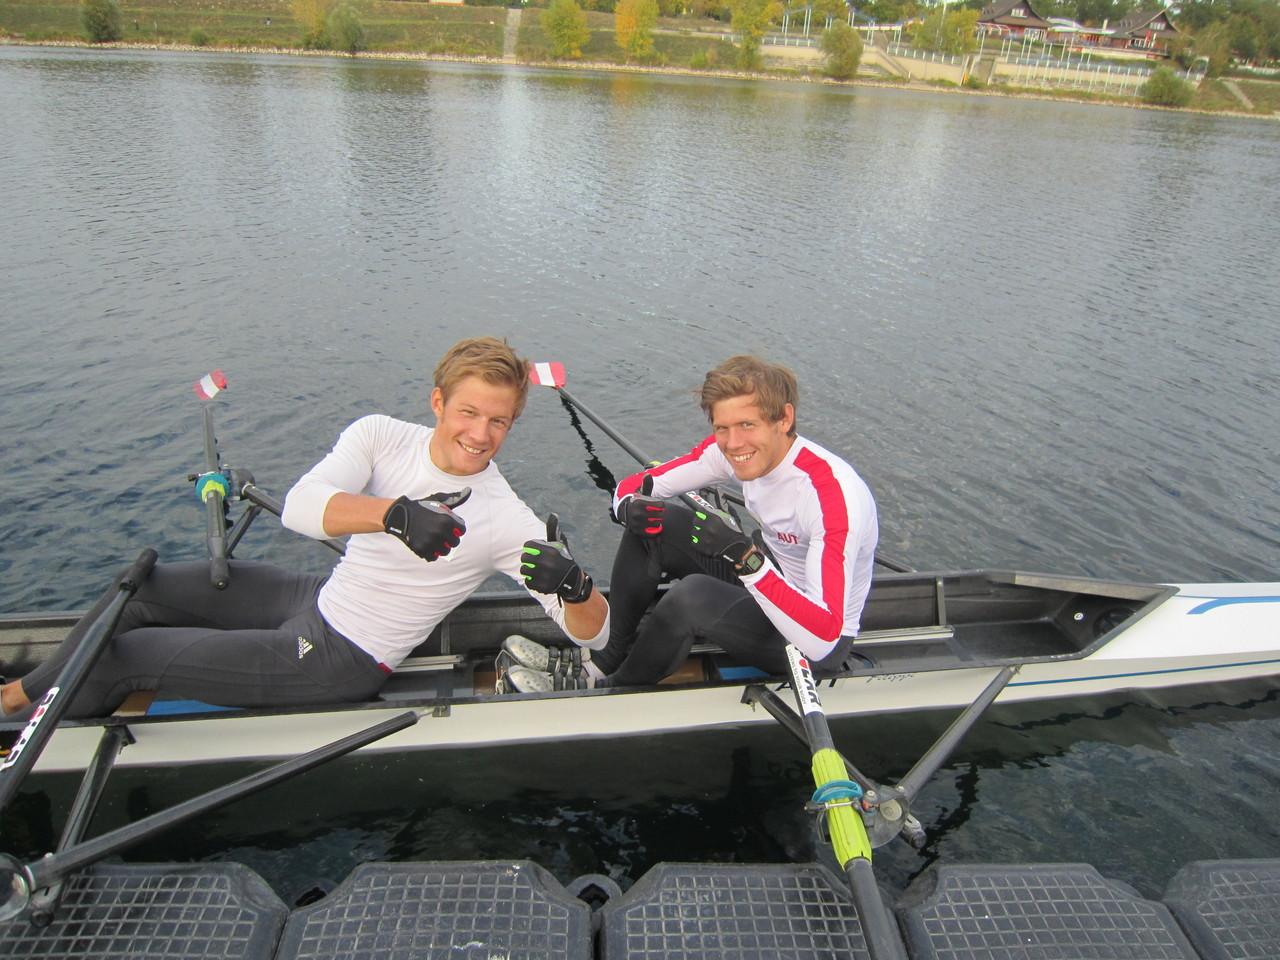 Bernhard und Paul Sieber, Olympia-Teilnehmer und U23-Weltmeister